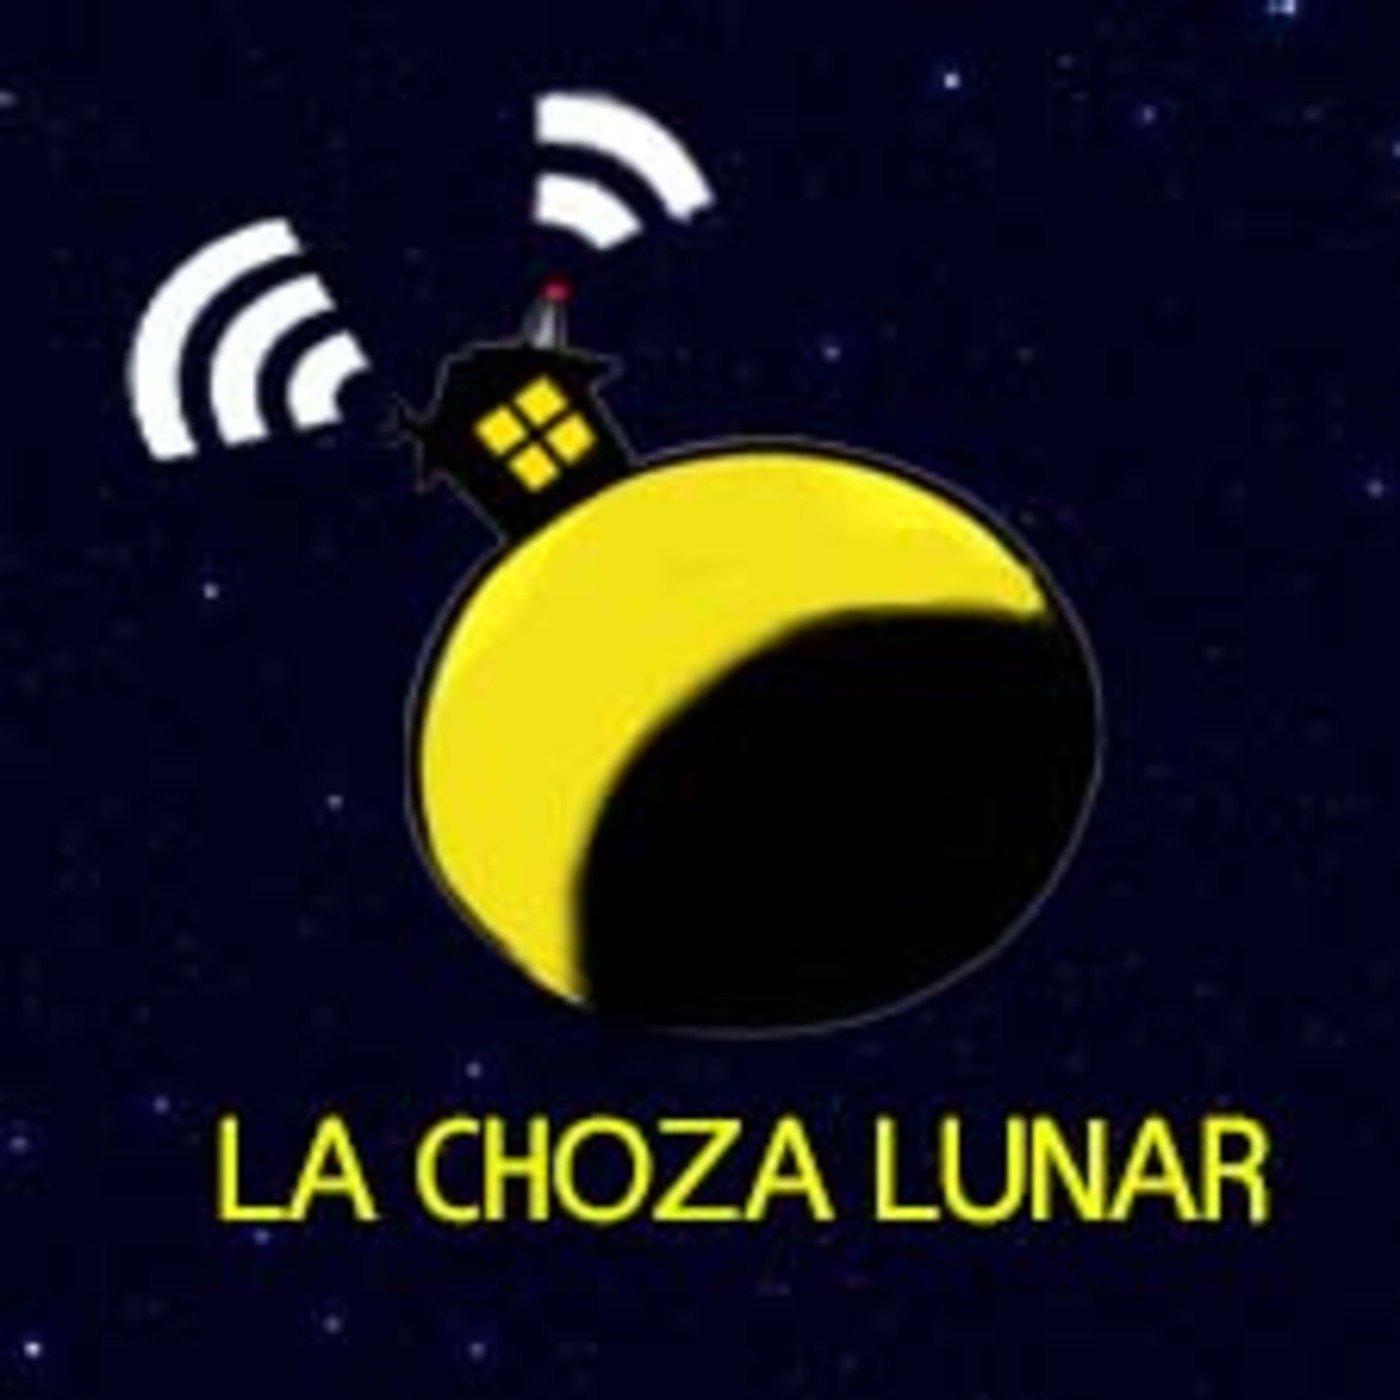 <![CDATA[Podcast de La Choza Lunar]]>